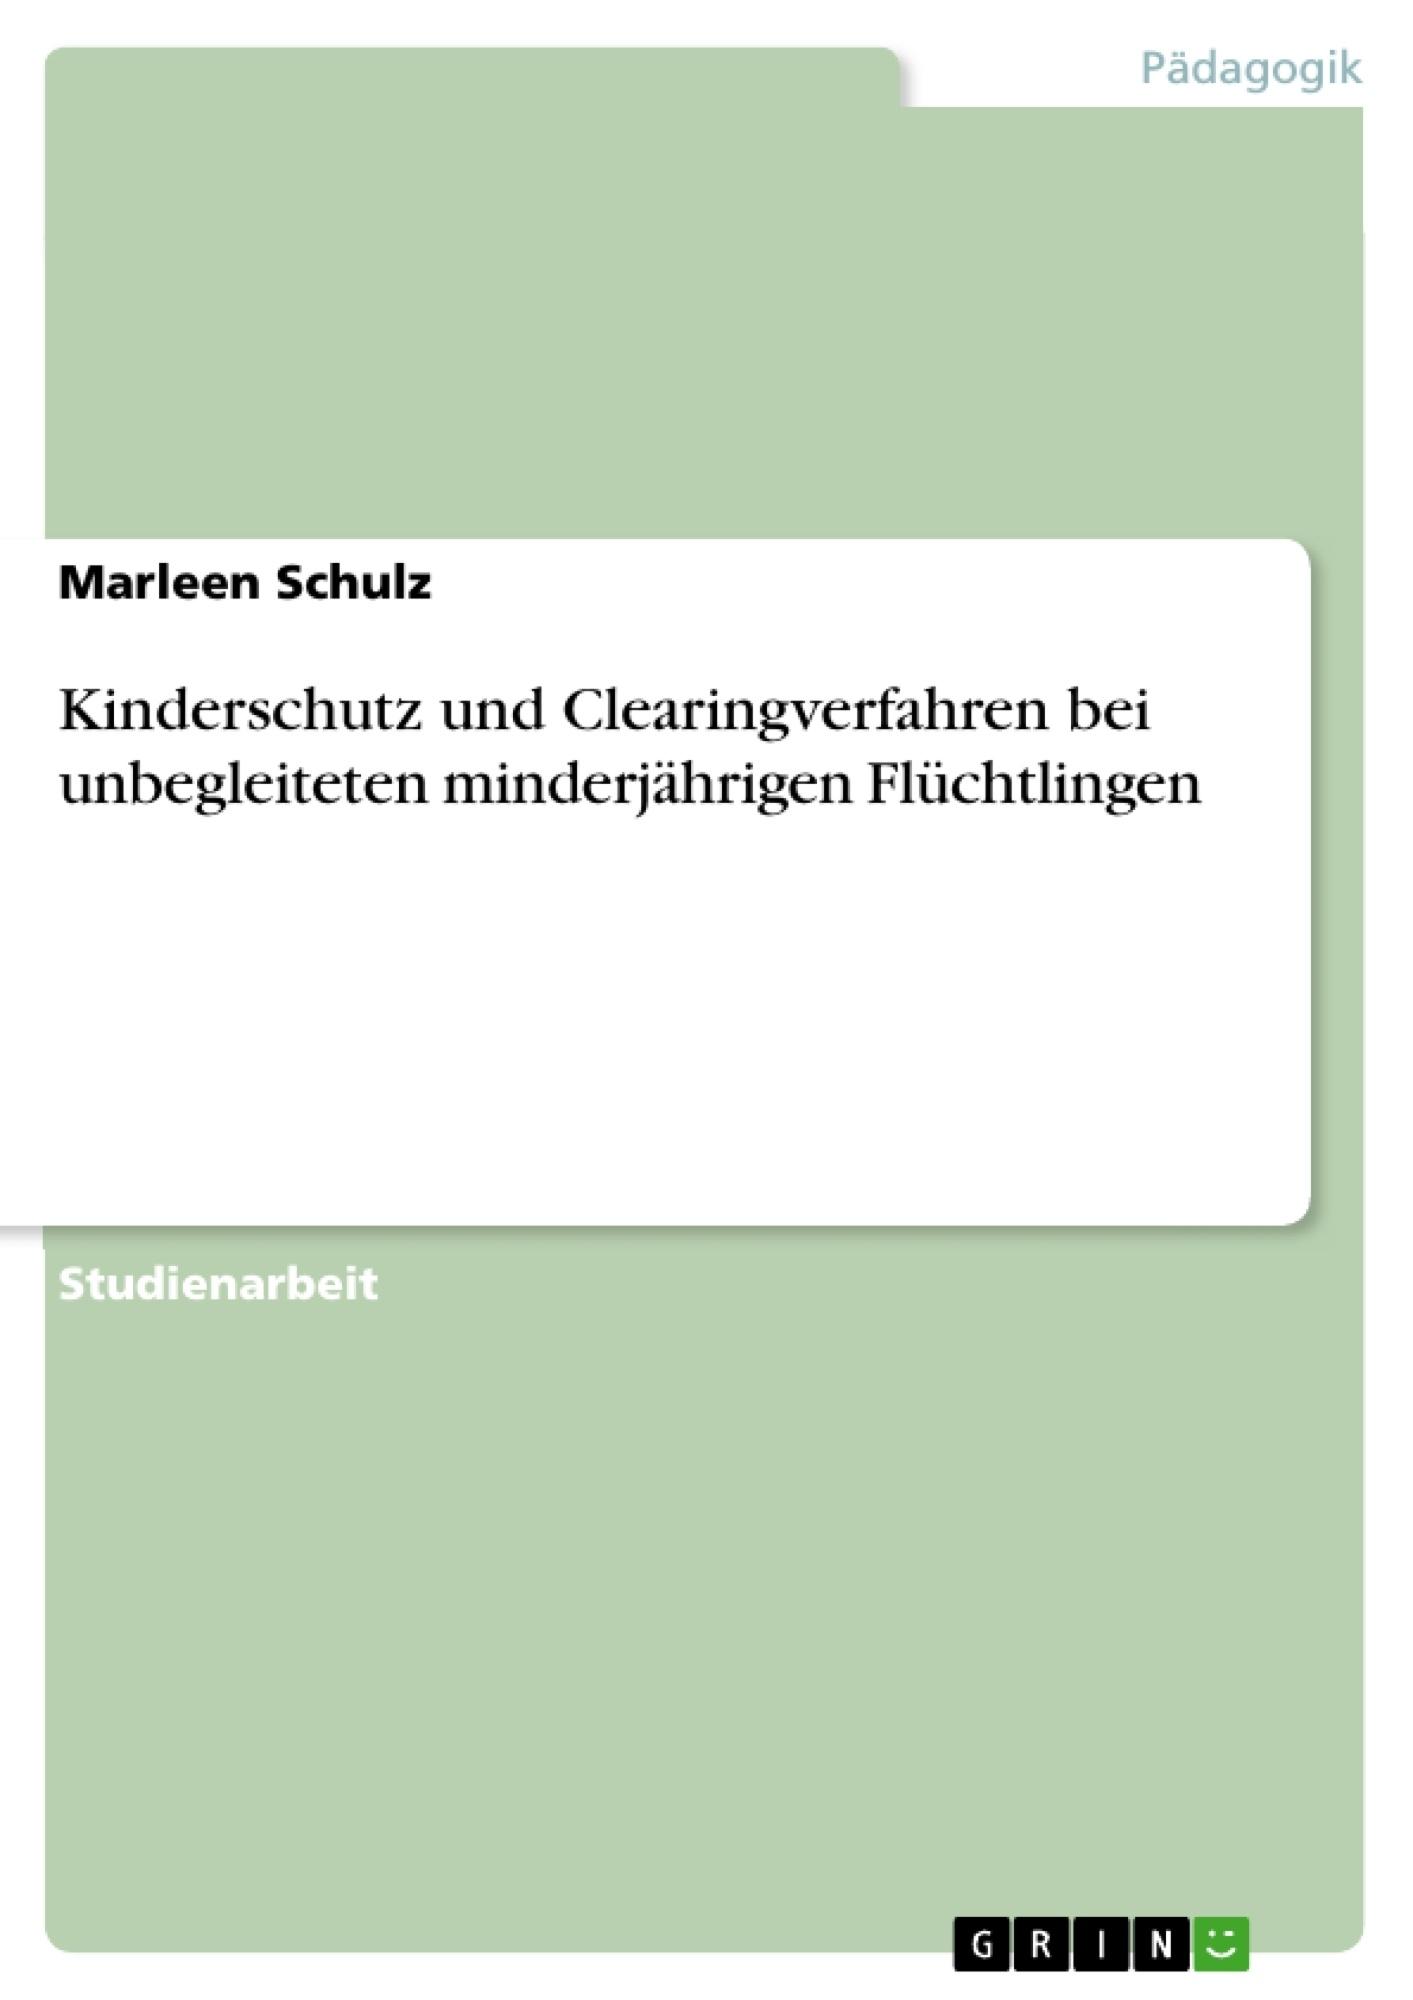 Titel: Kinderschutz und Clearingverfahren bei unbegleiteten minderjährigen Flüchtlingen